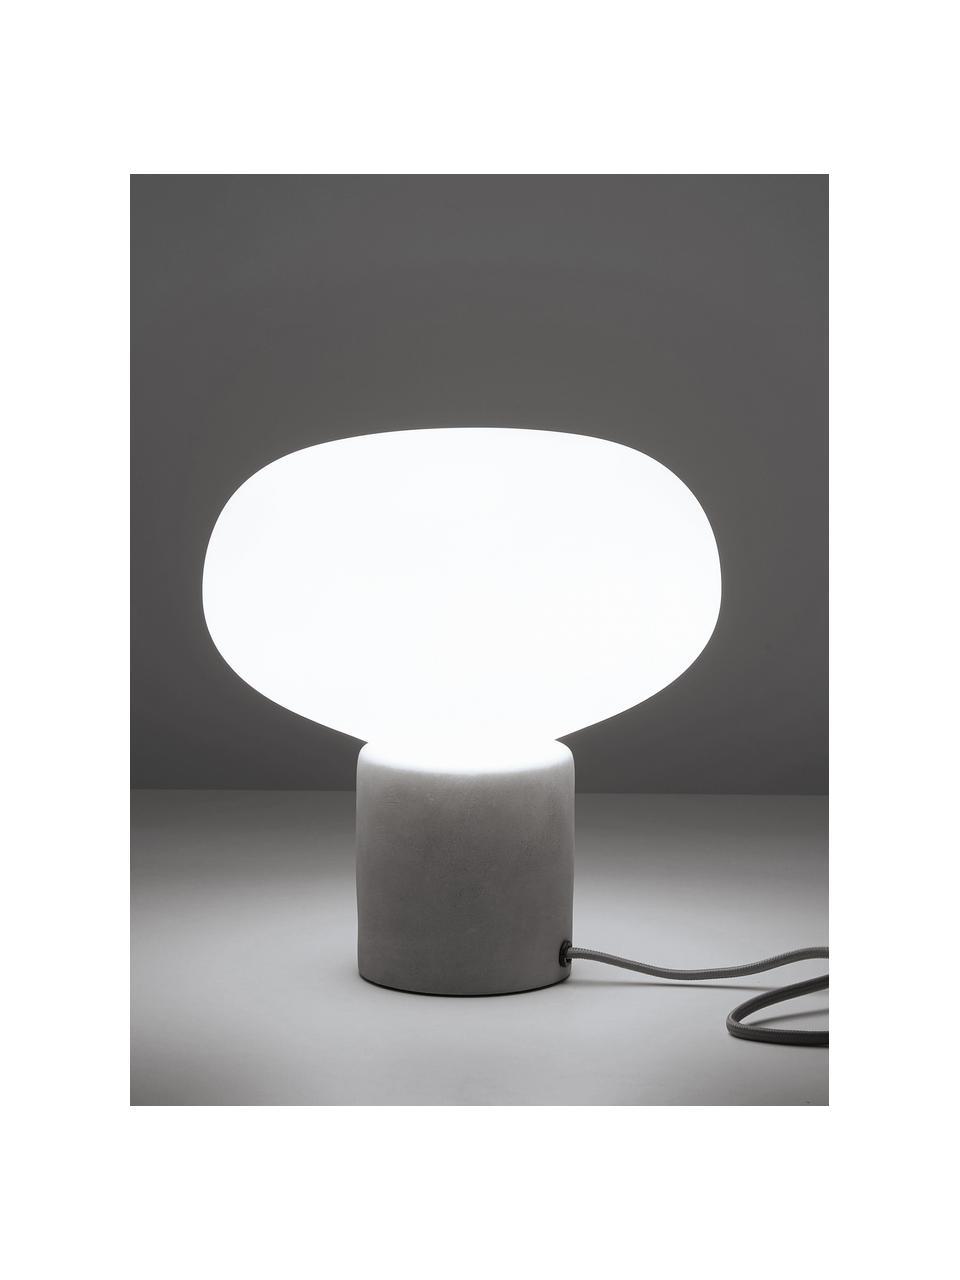 Lampada da tavolo con base in cemento Alma, Base della lampada: cemento, Paralume: vetro, Base della lampada: cemento grigiastro Paralume: bianco, Ø 23 x Alt. 24 cm